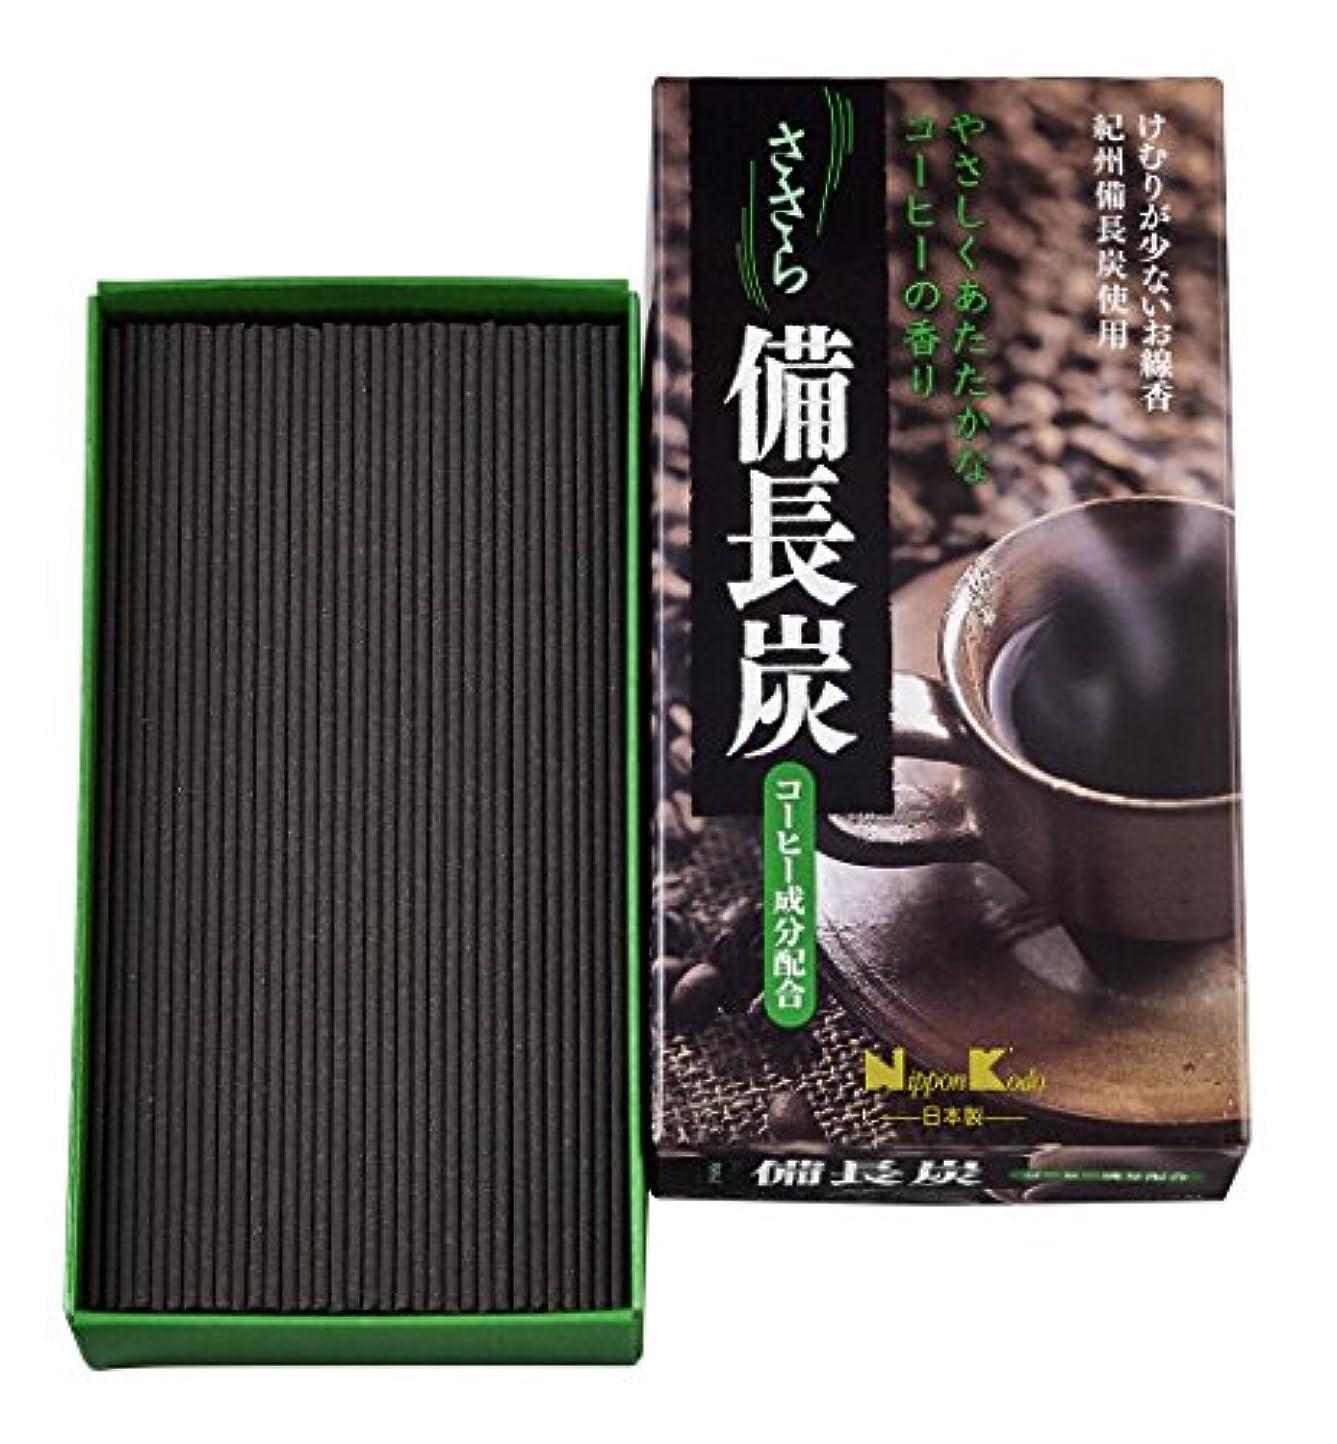 焼く嫌い勃起ささら 備長炭 コーヒー バラ詰